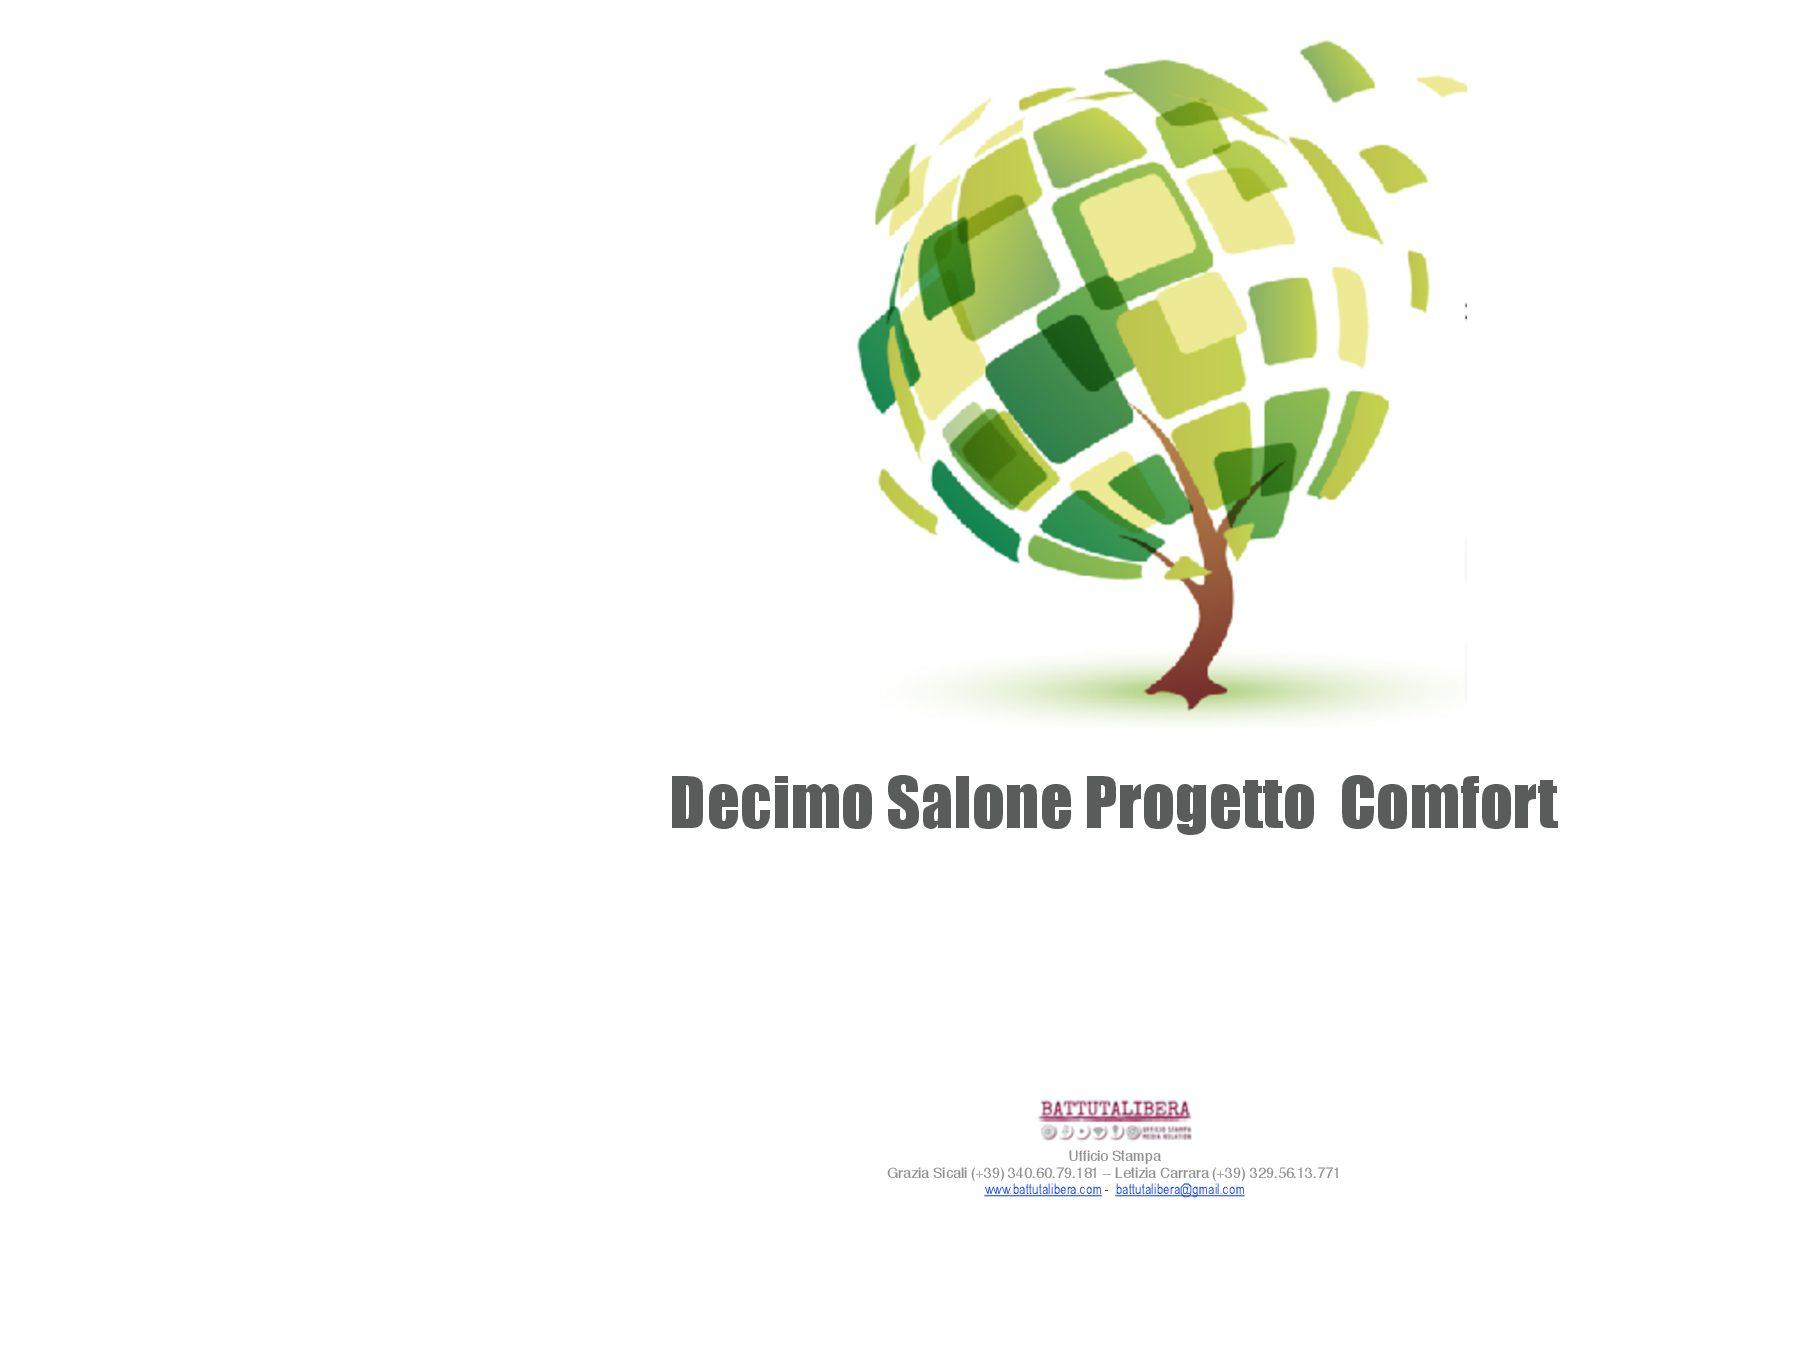 progetto-comfrot-comunciati-stampa-2018-pdf